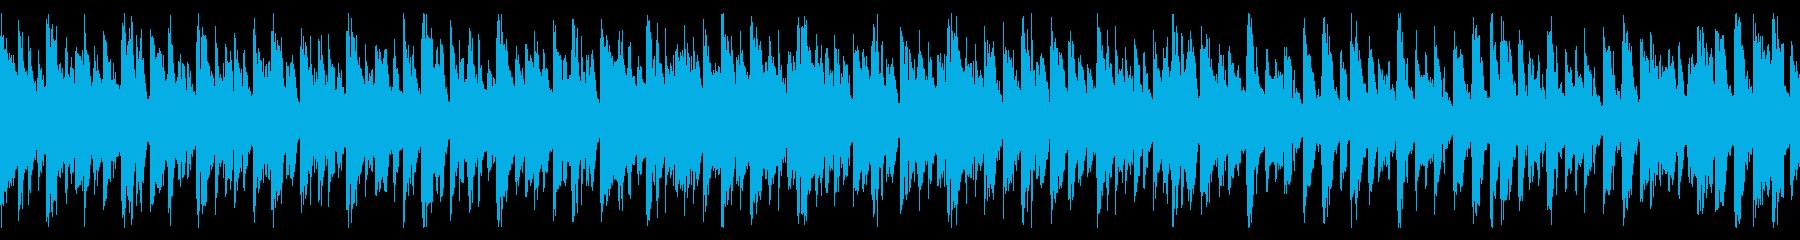 コミカルで明朗な、スピード感のある曲の再生済みの波形